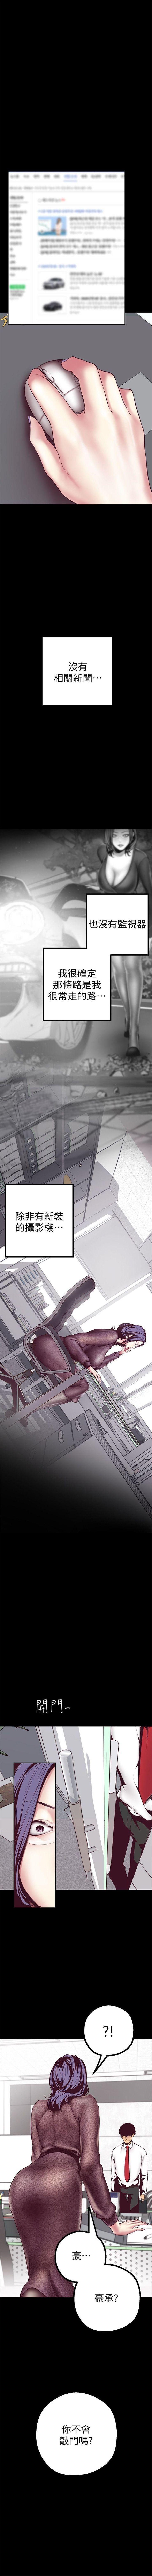 (週1)美麗新世界 1-70 中文翻譯 (更新中) 81